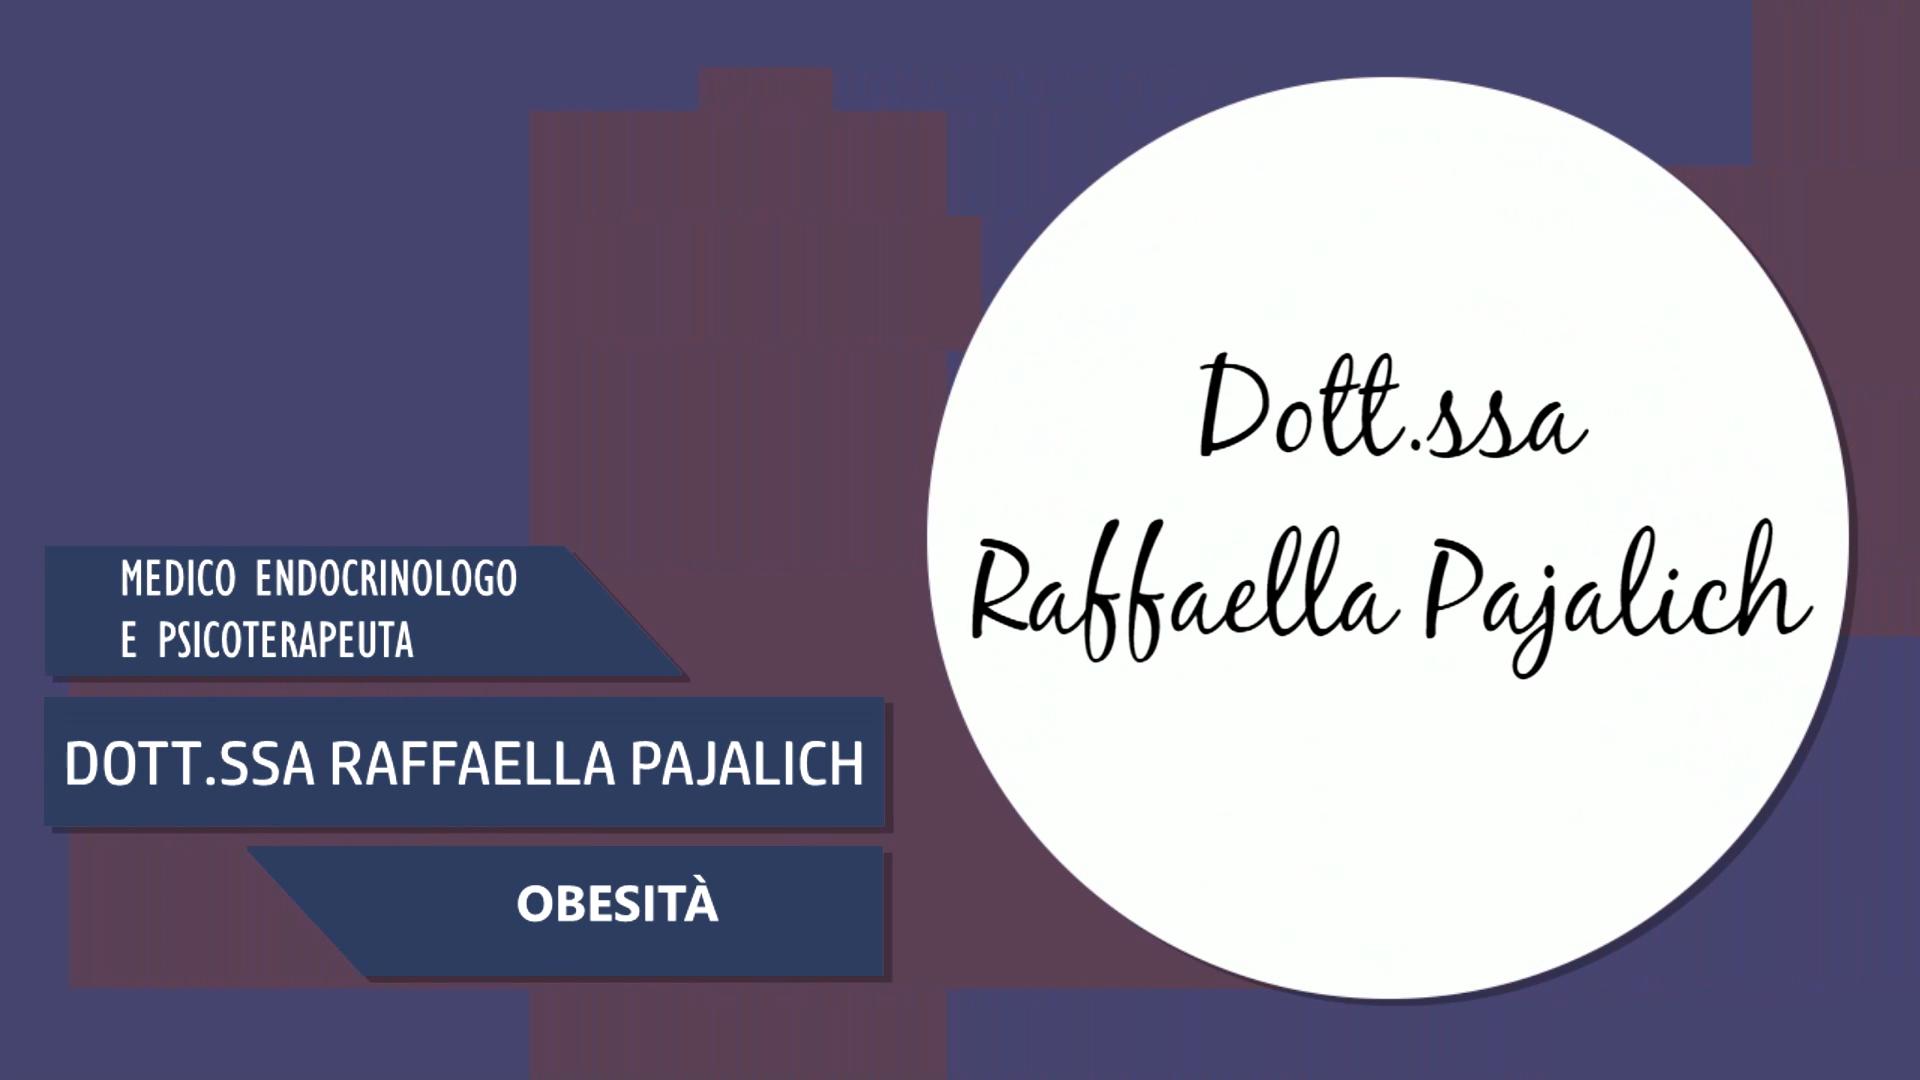 Intervista alla Dott.ssa Raffaella Pajalich – Obesità